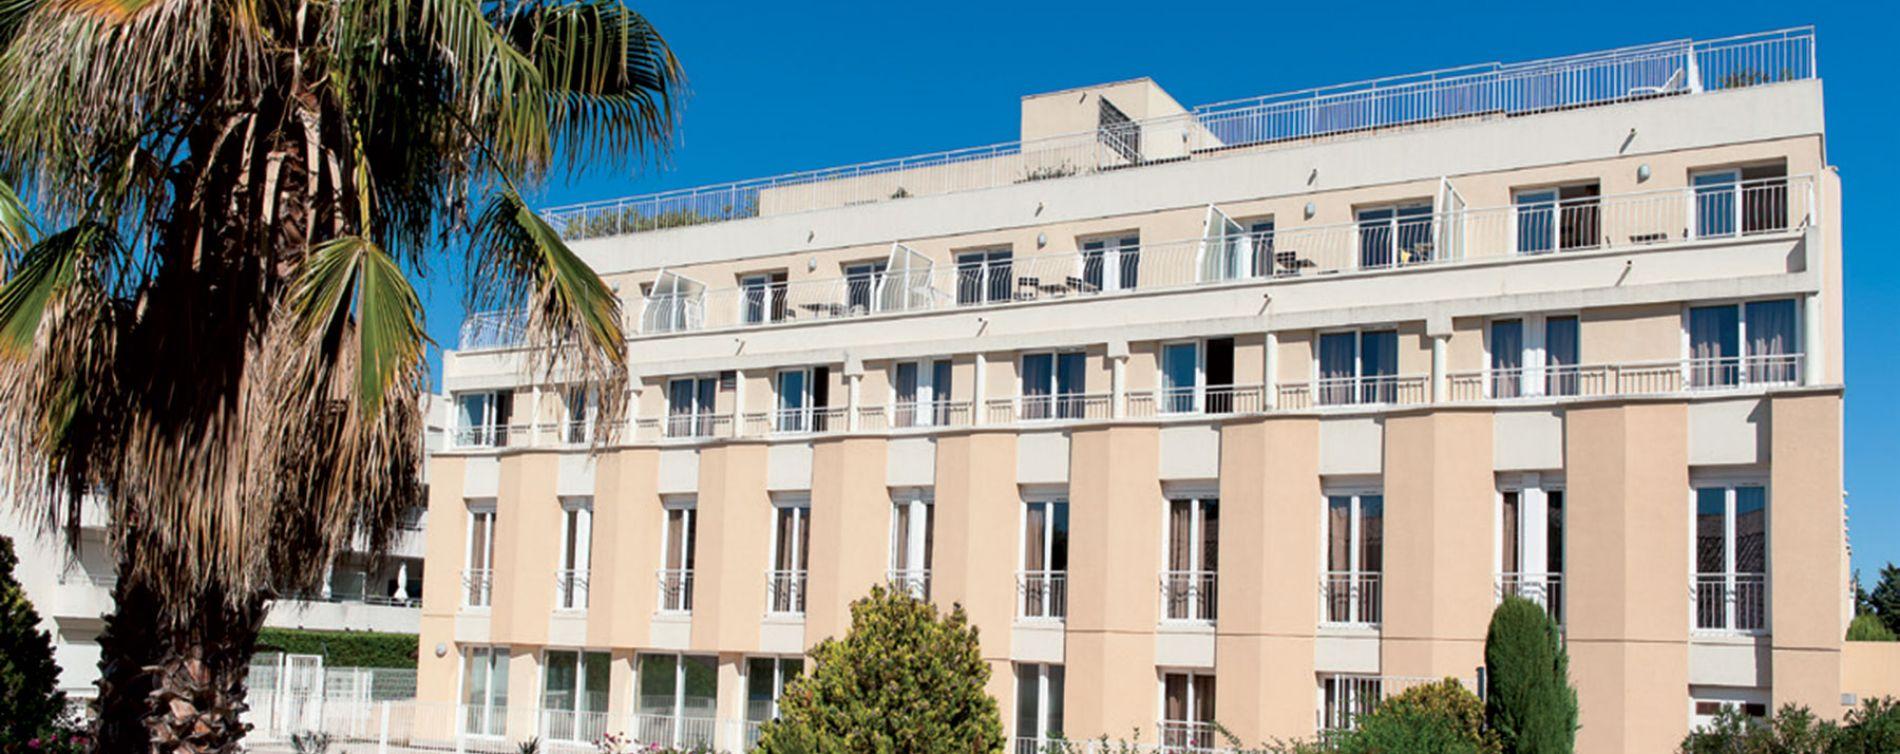 Villeneuve-Loubet : programme immobilier neuve « Sea Side Park » (2)